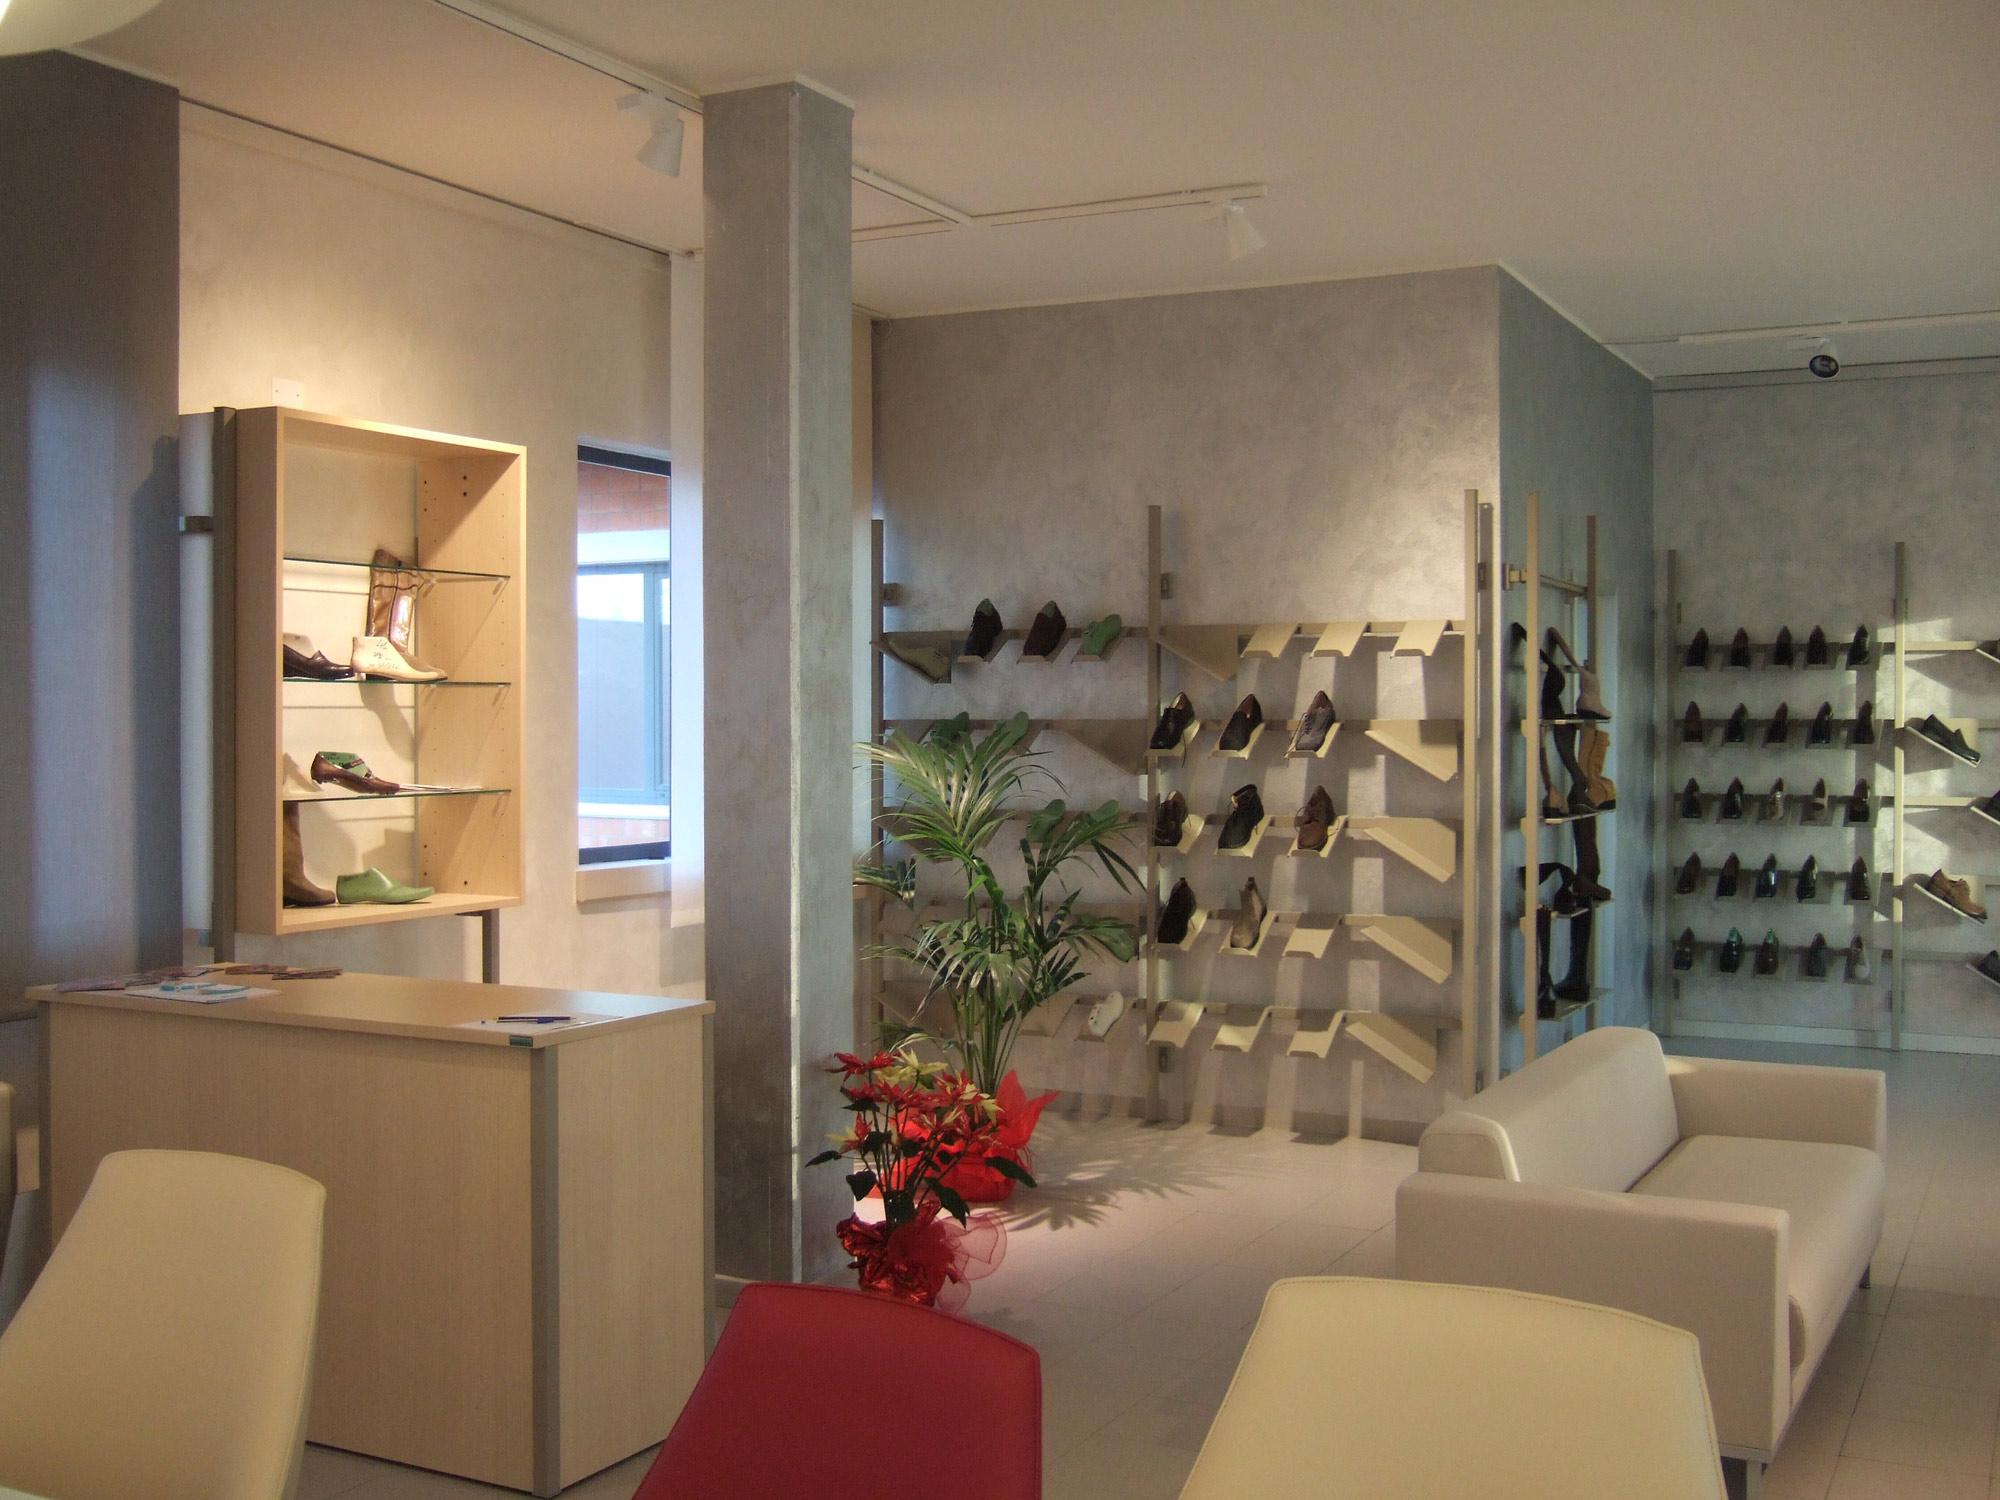 Arredamento per sala campionario toscana belardi arredamenti - Arredamento sala ...